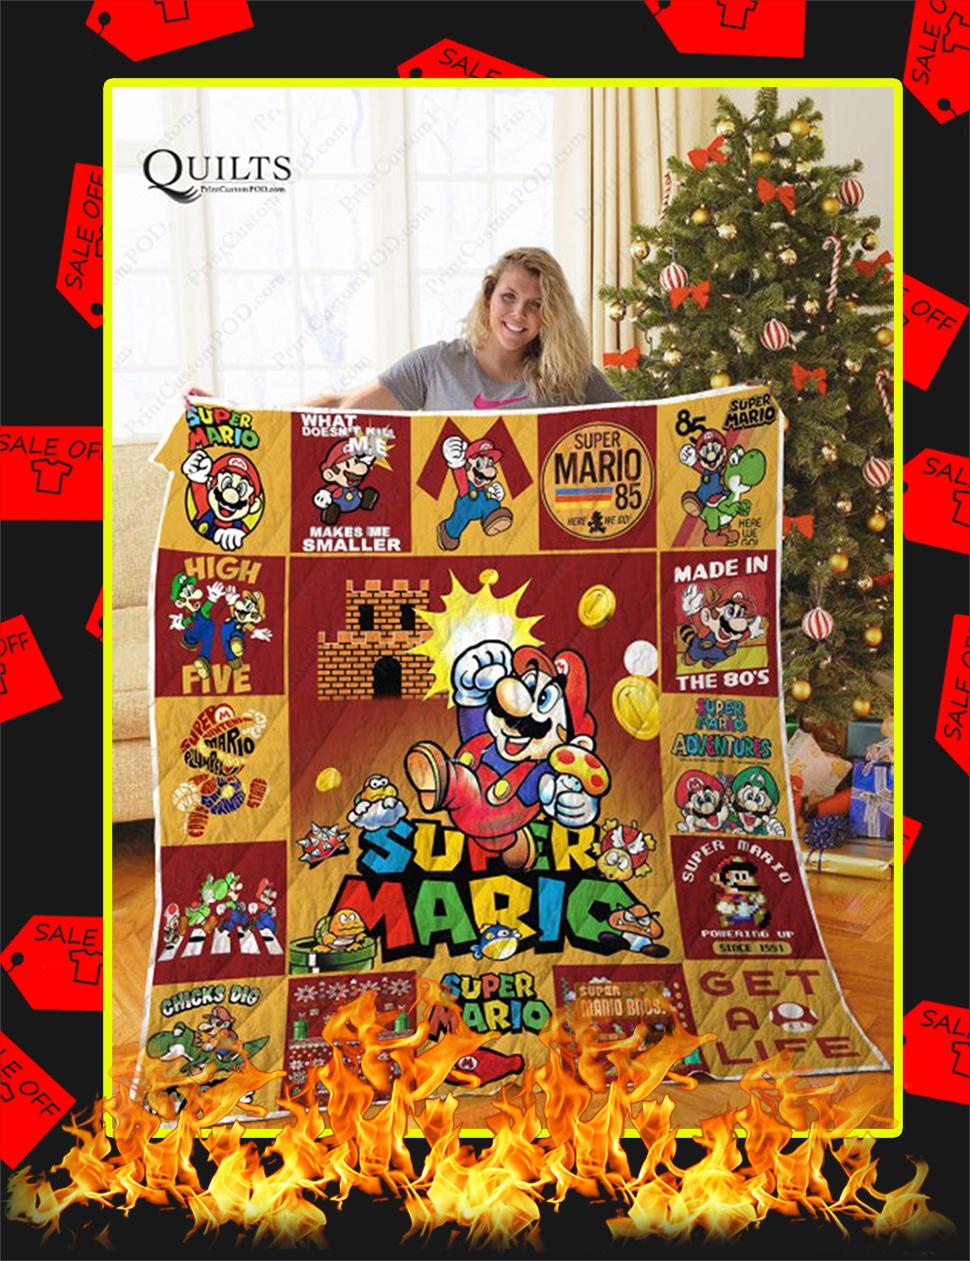 Super Mario Quilt-Super King